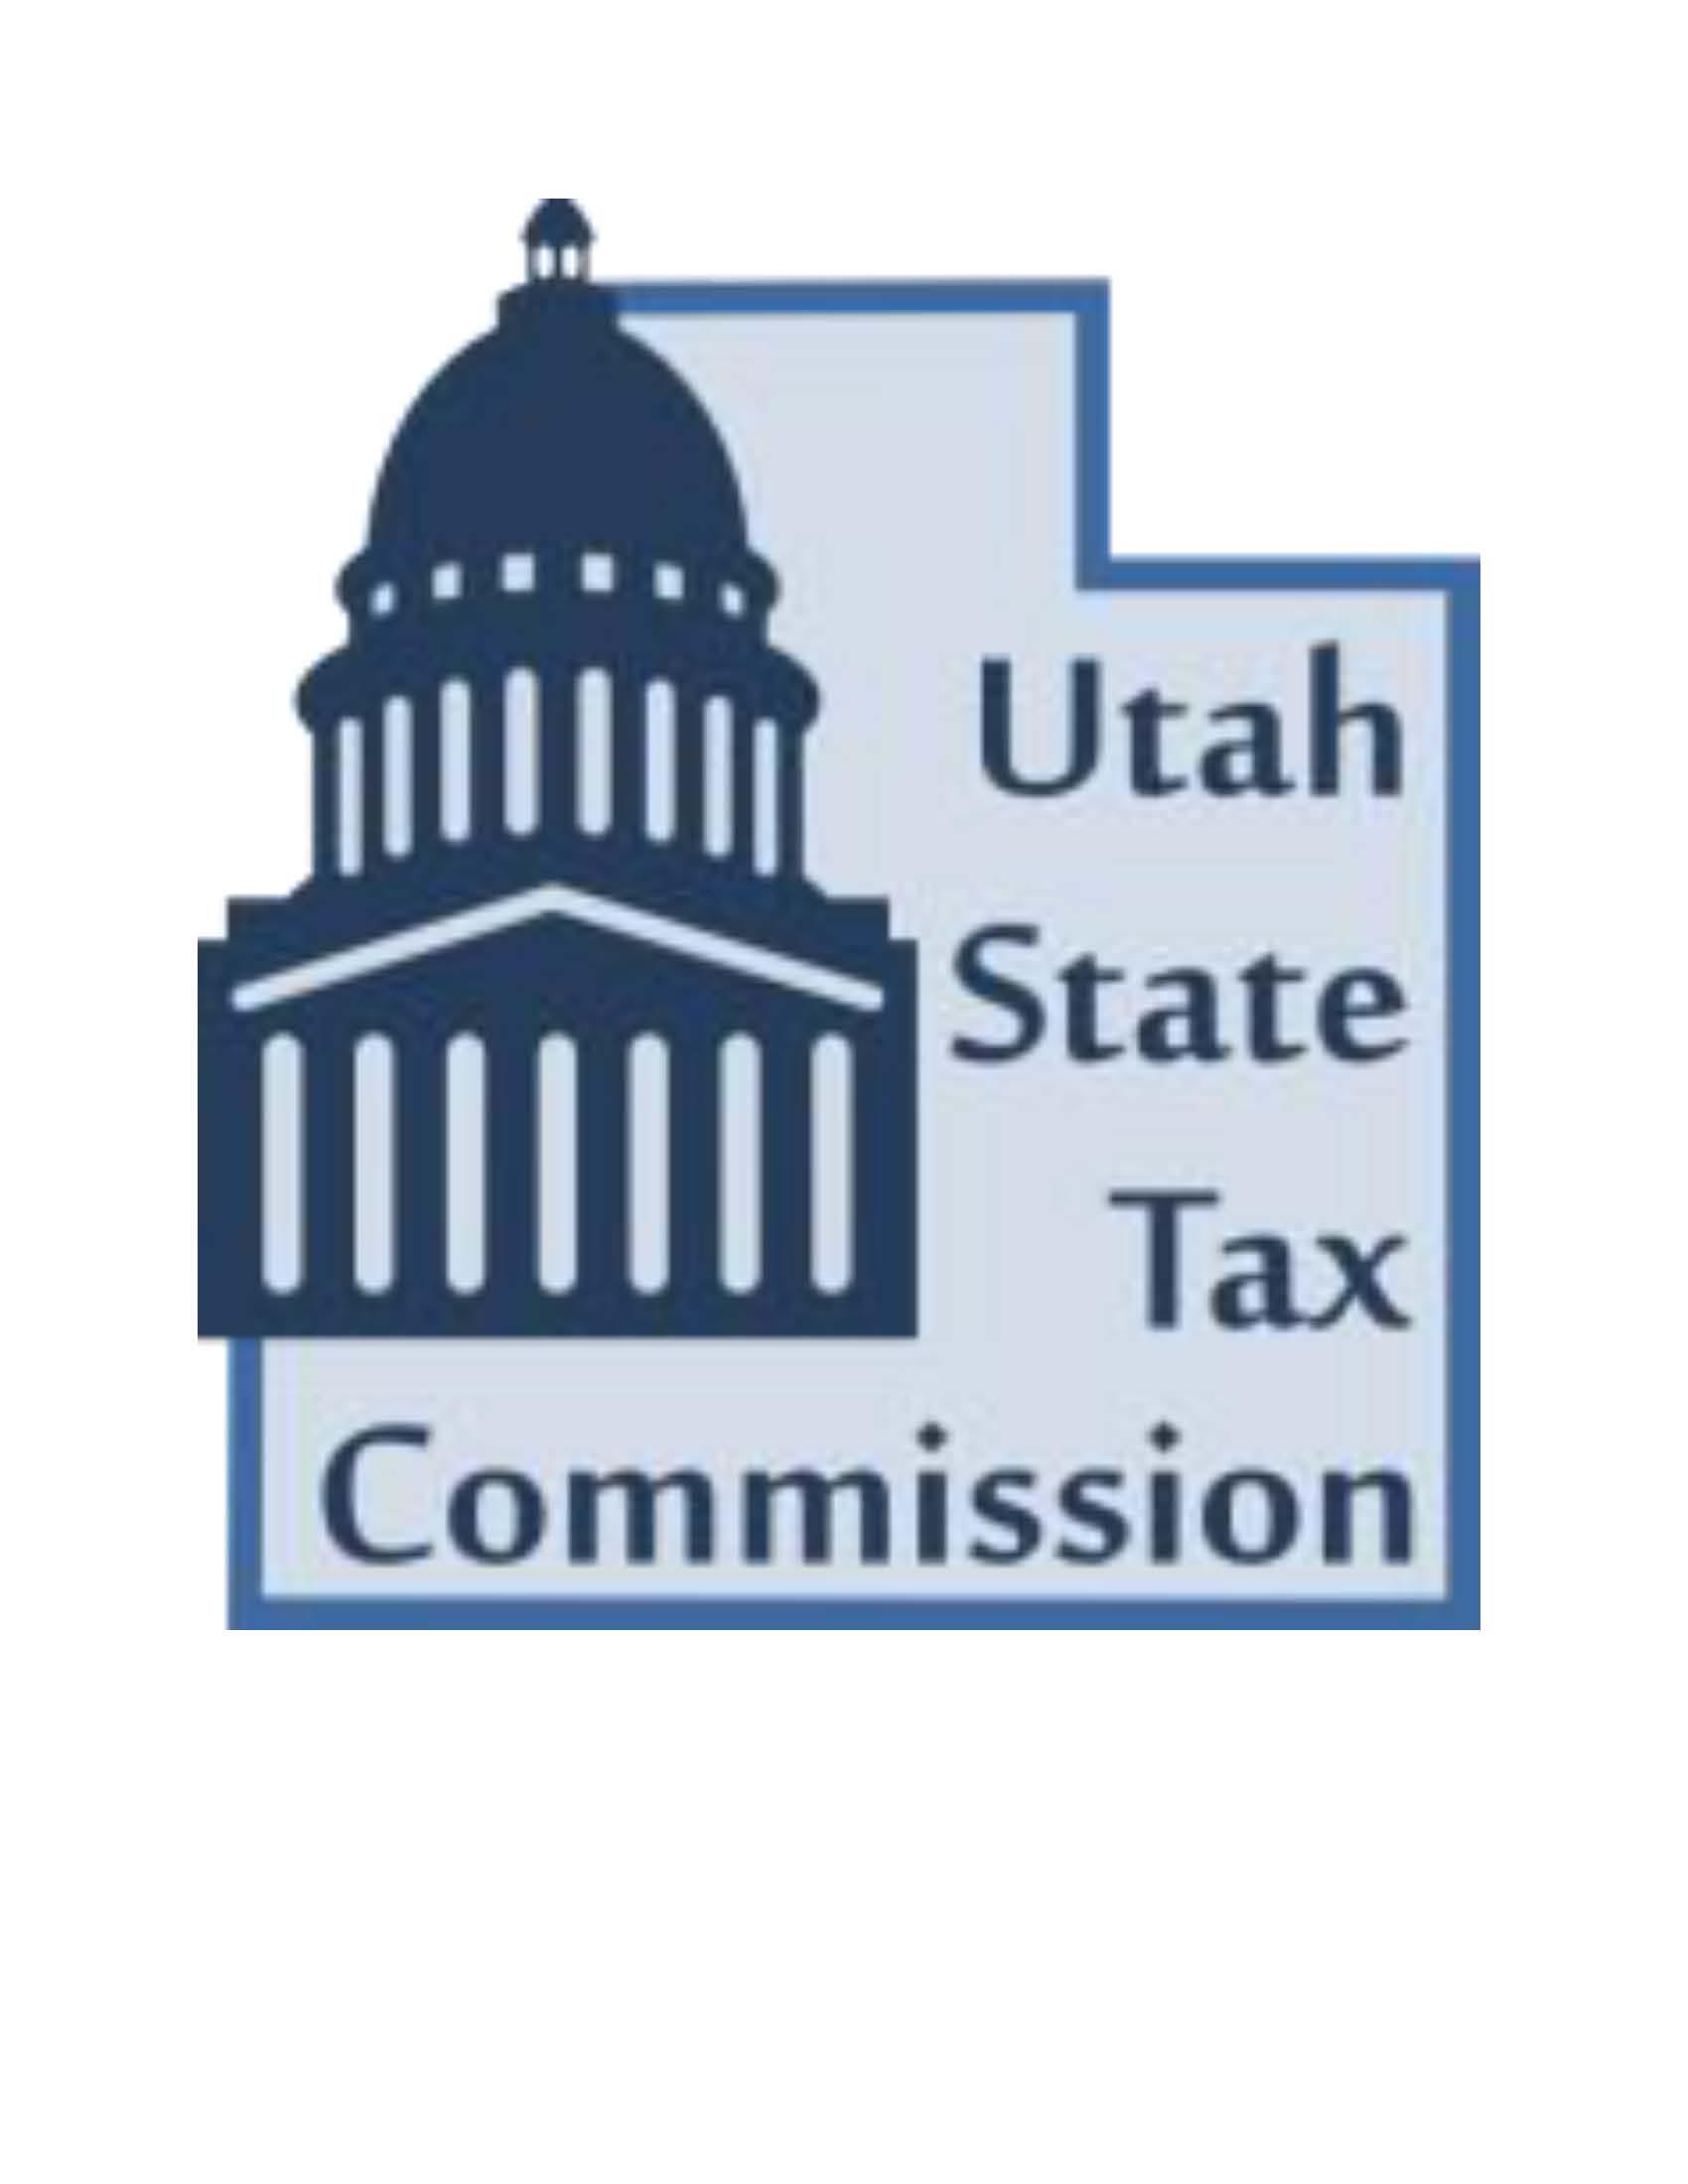 Utah State Tax